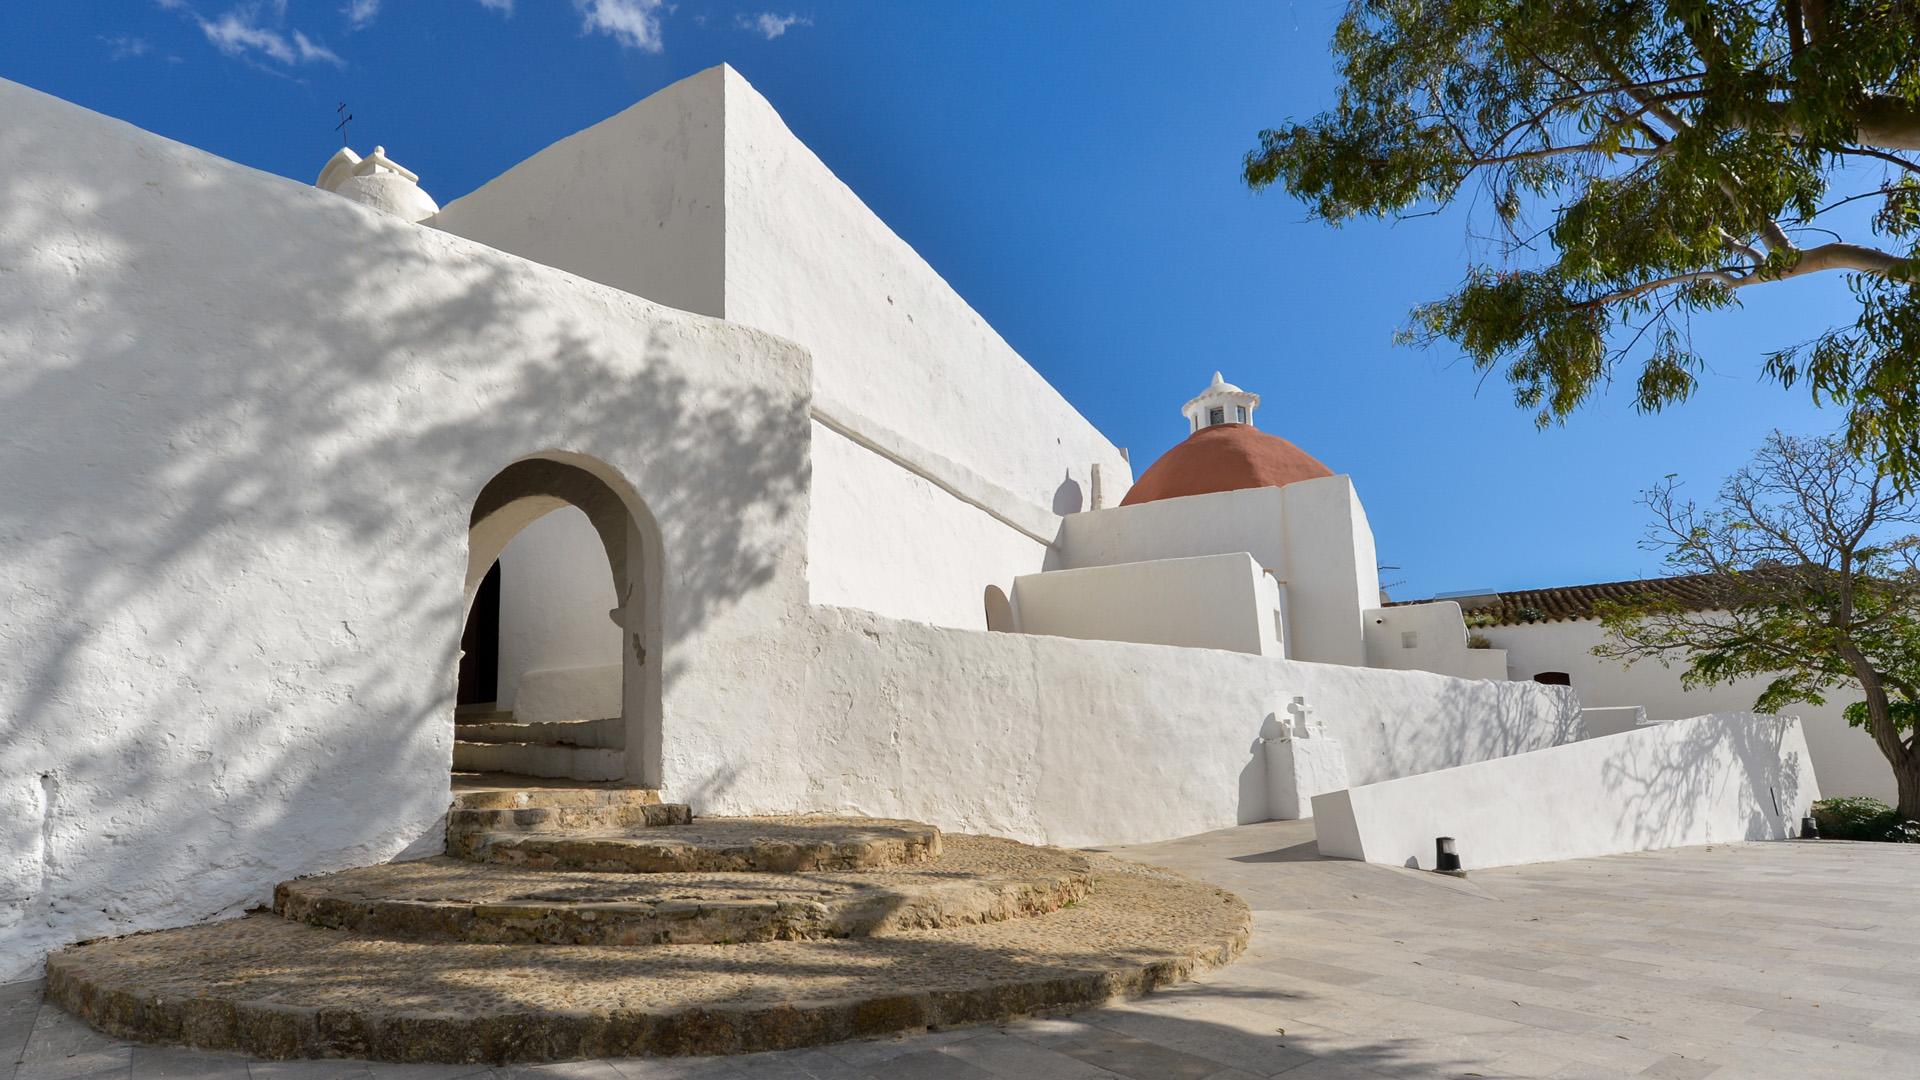 Imagen Church Santa Eulària, Puig de Missa